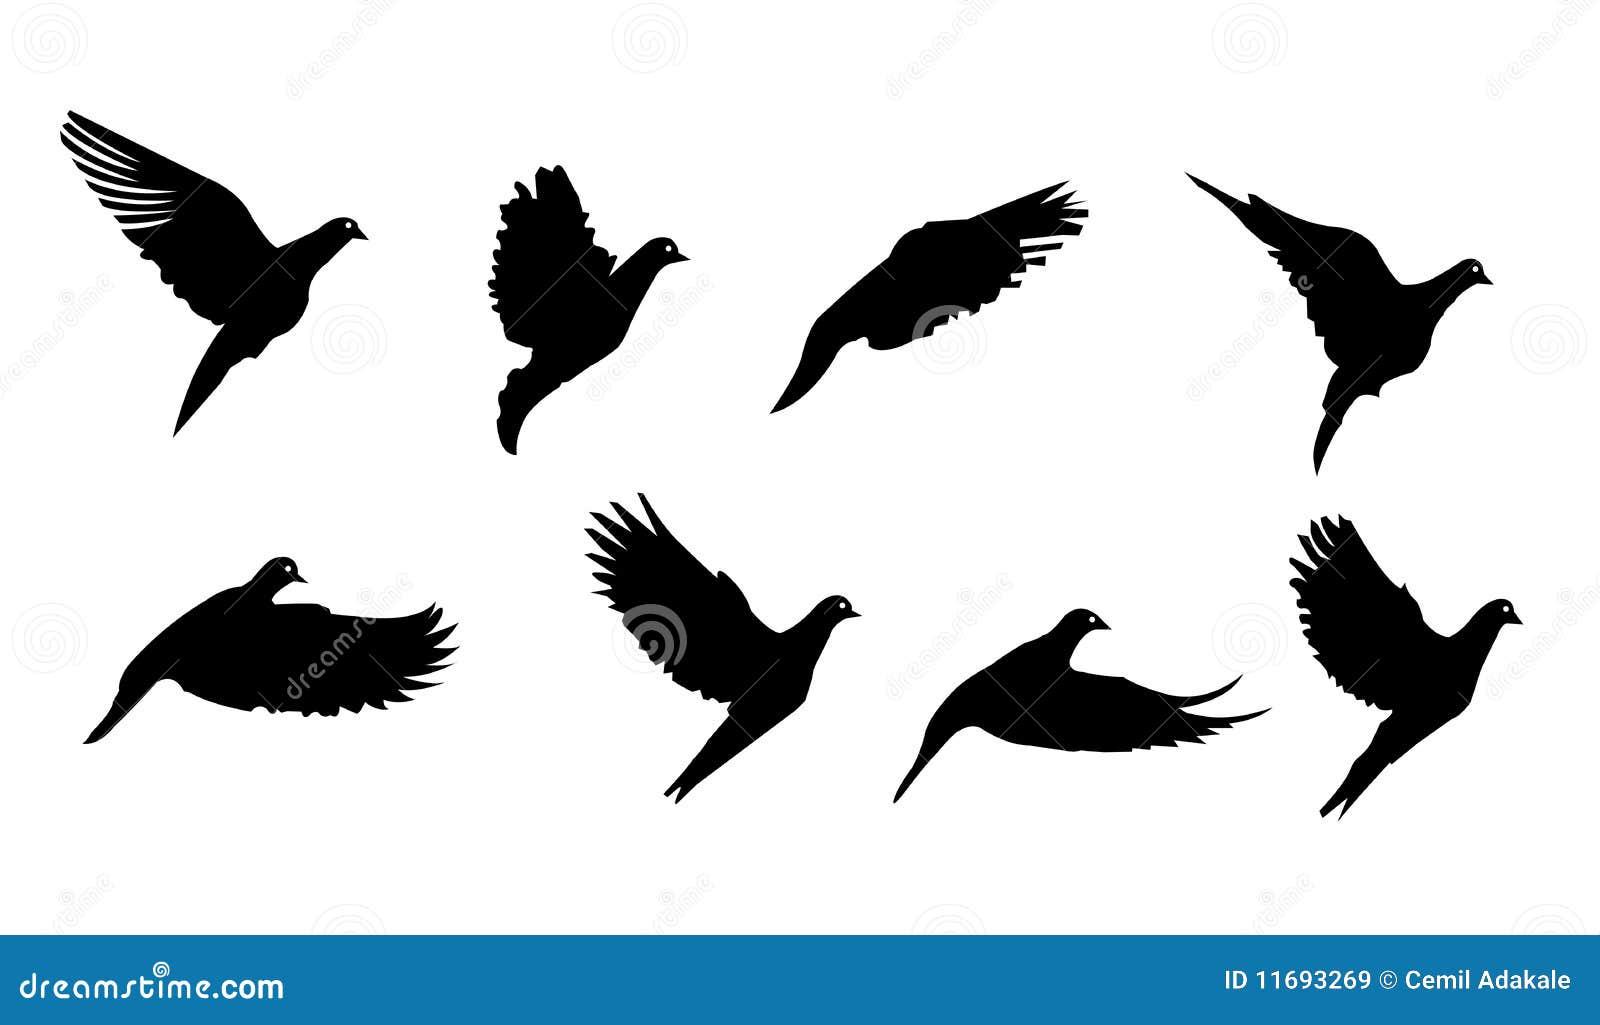 Black bird flying symbol vector